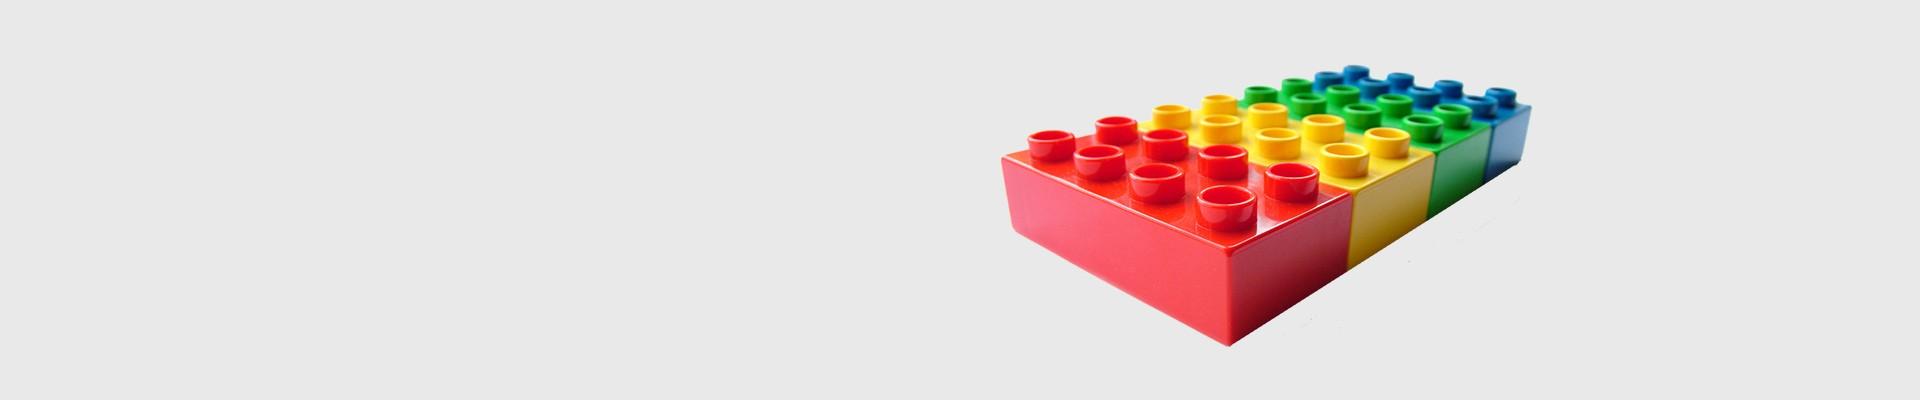 Jual Mainan Brick & Lego Harga Terbaik